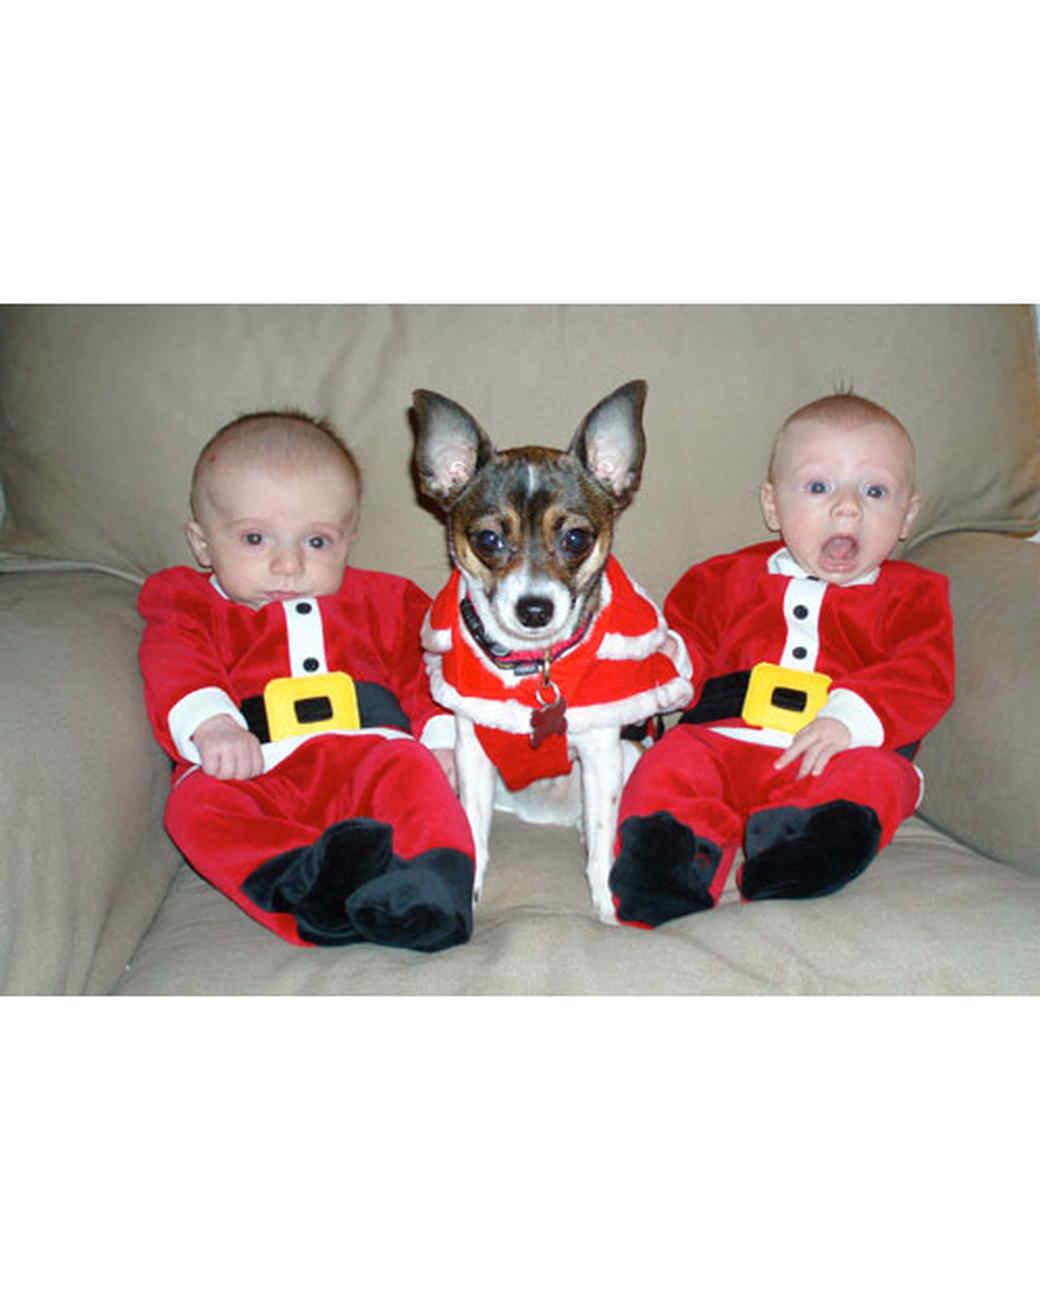 pets_ugc_santa_11653175_28251451.jpg